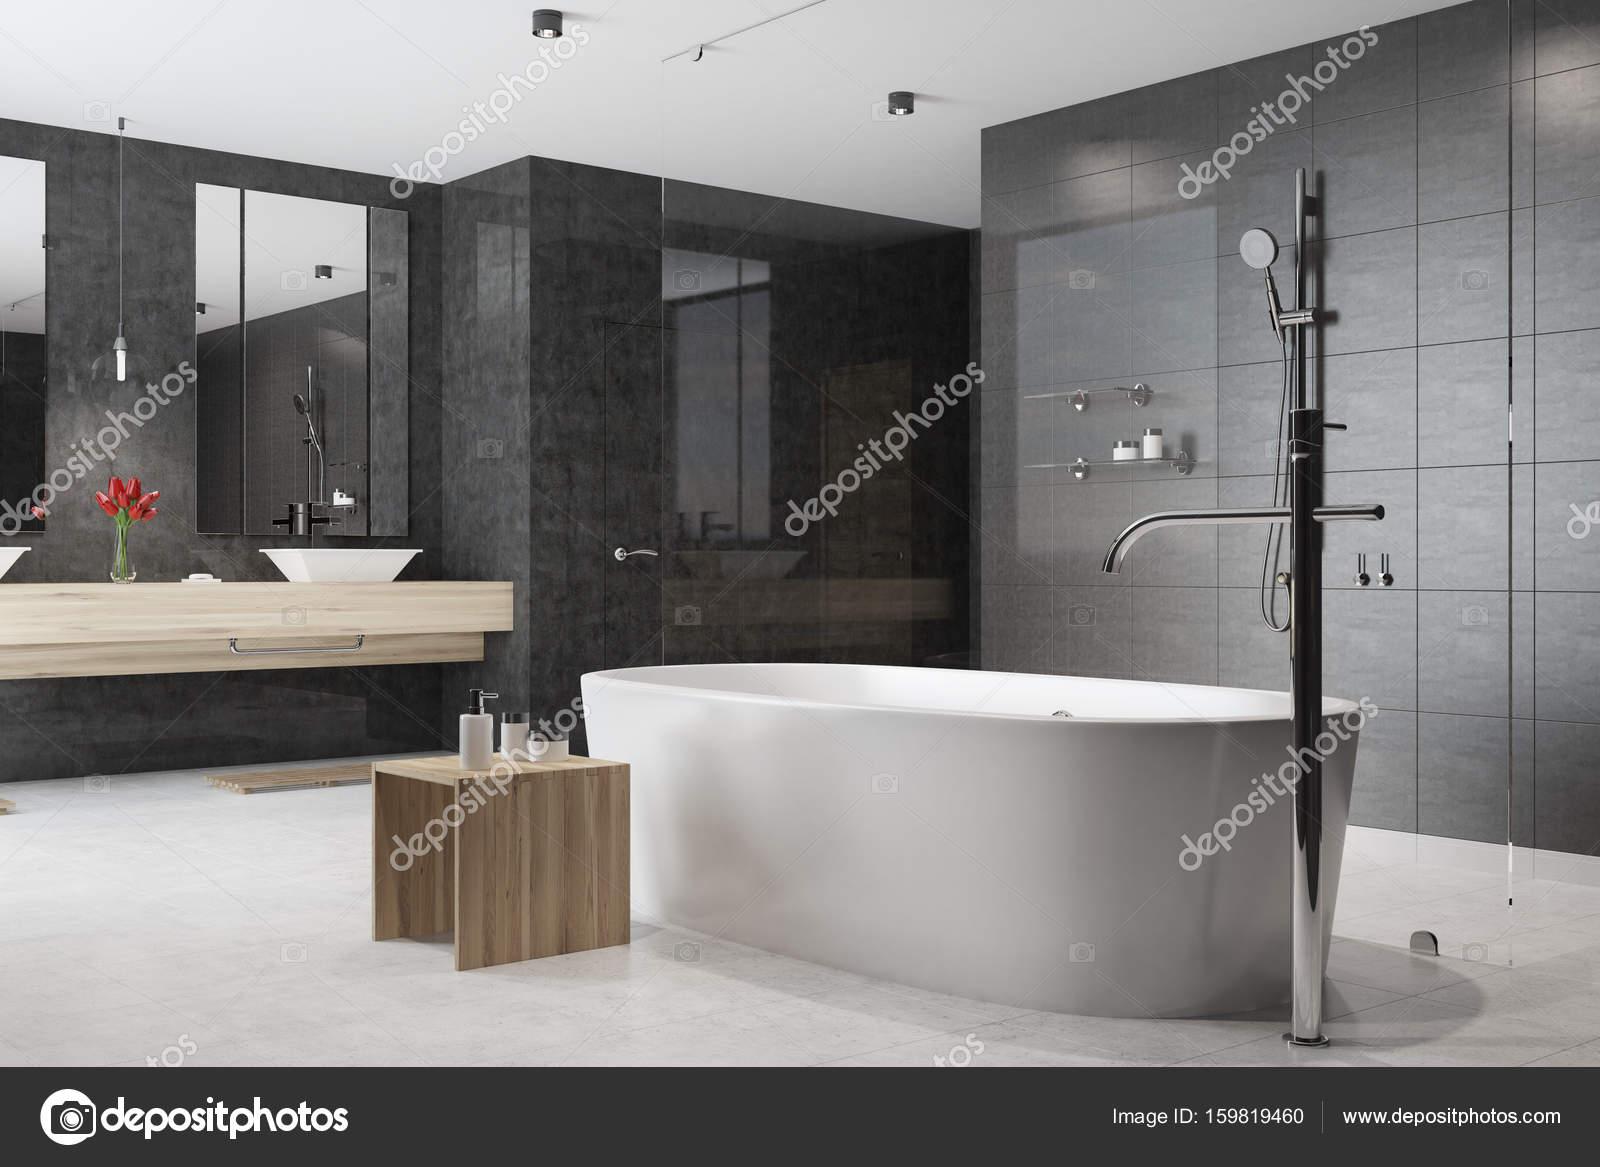 Entzückend Badezimmer Badewanne Foto Von Ecke Ein Schwarzes Interieur Mit Einer Weißen